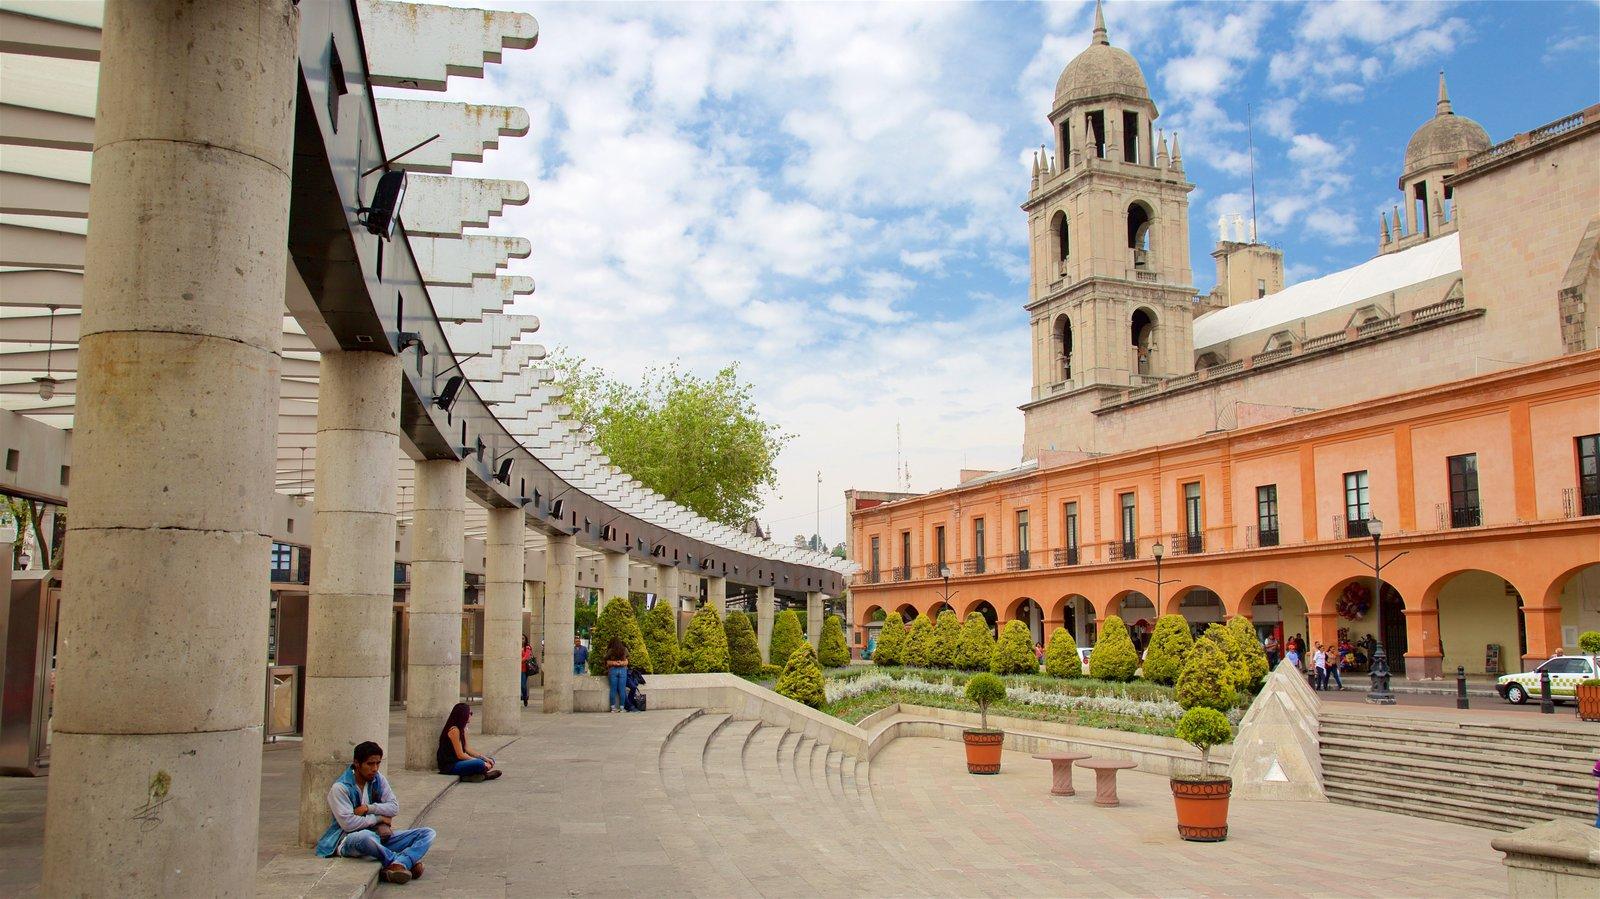 Toluca ofreciendo patrimonio de arquitectura, un parque o plaza y una iglesia o catedral